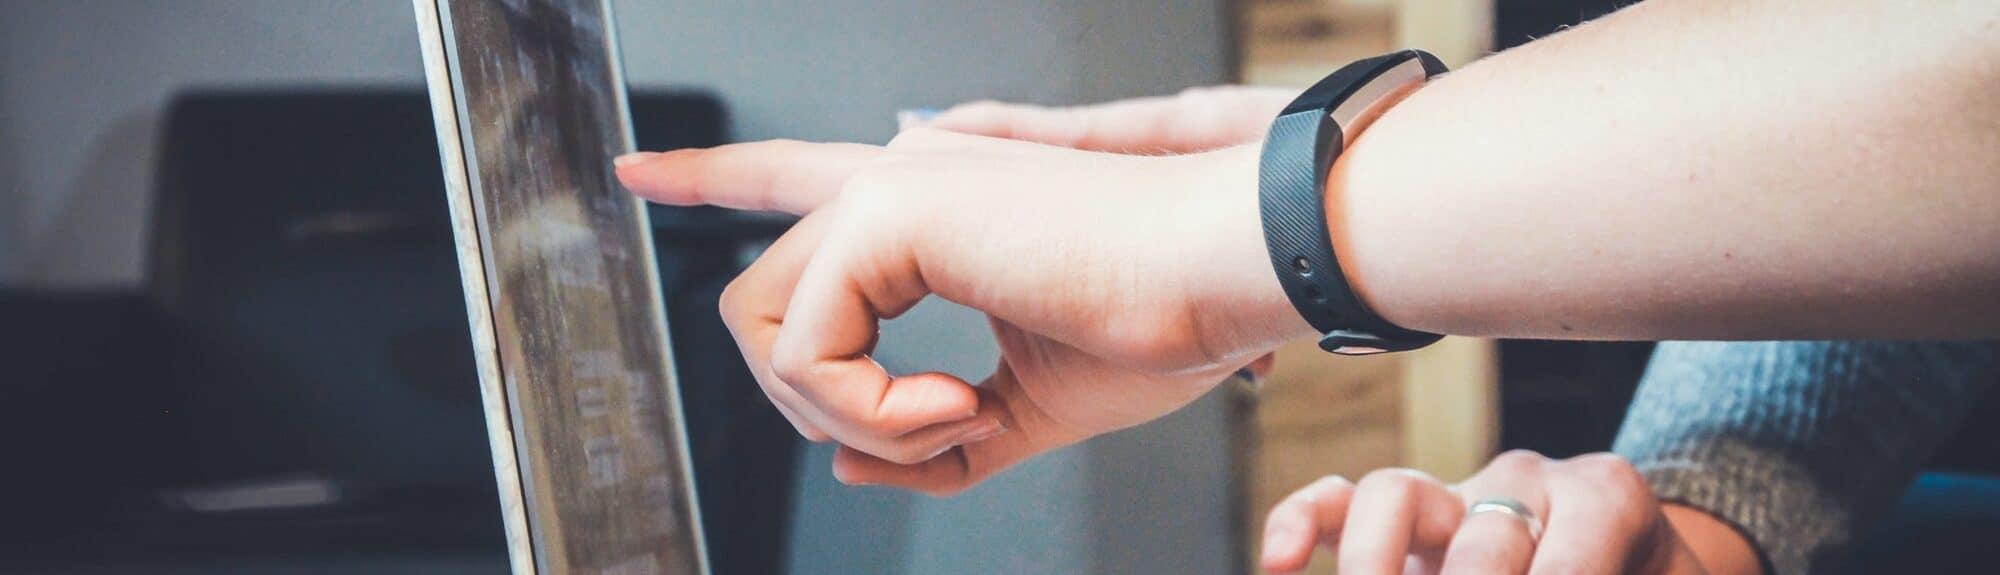 Warum kleine Unternehmen IT-Support brauchen